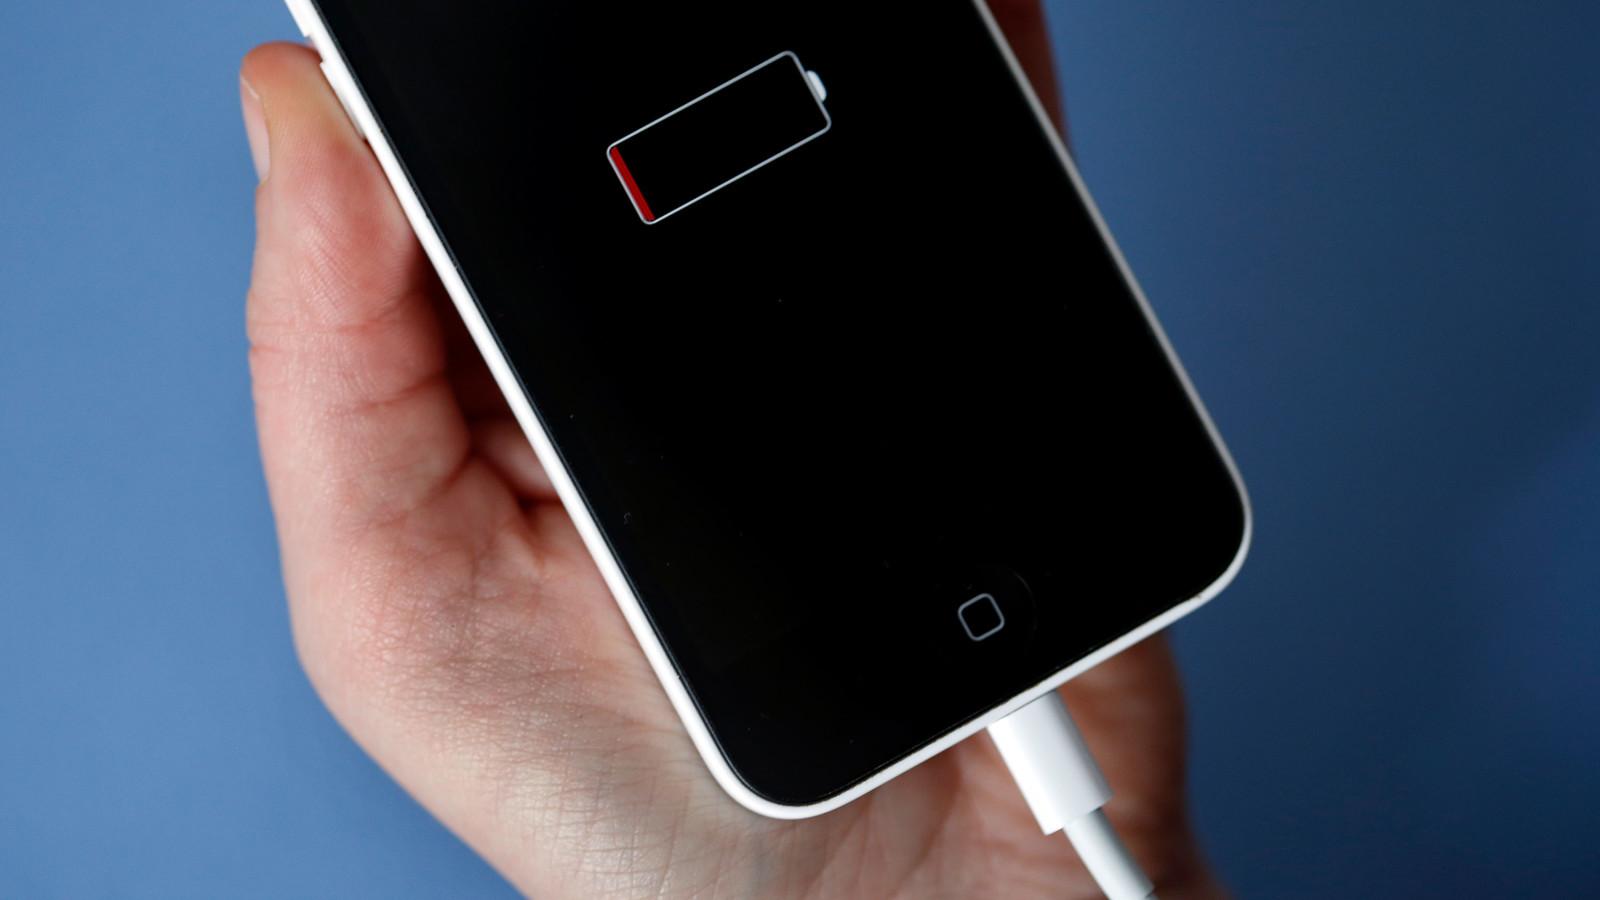 Das Apple iPhone hat einen niedrigen Akkustand und muss geladen werden.